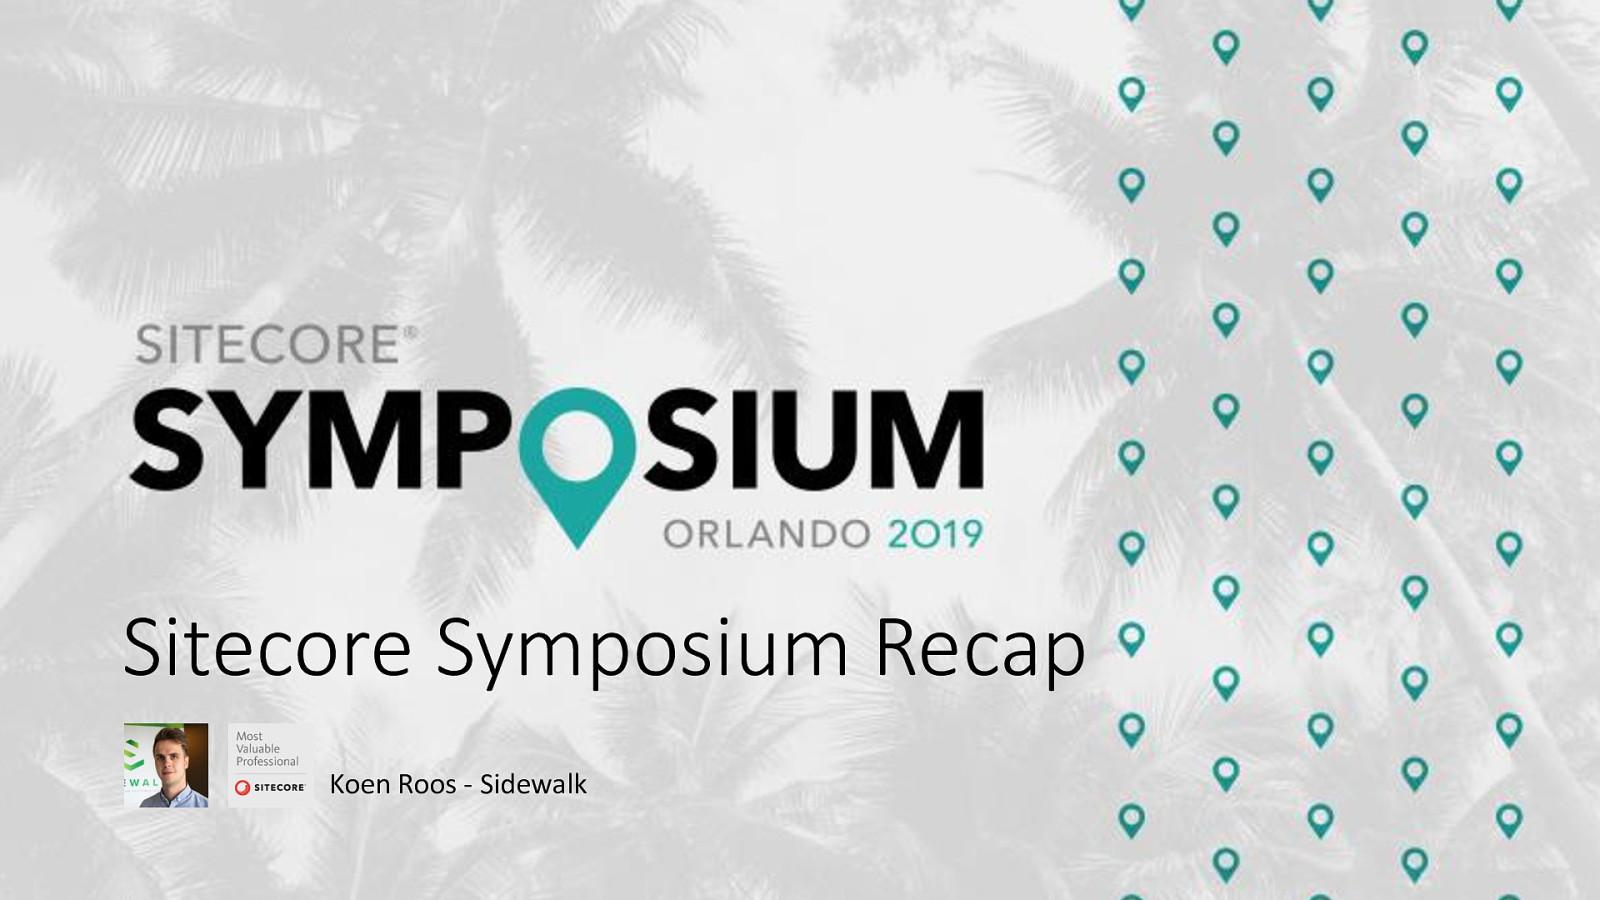 Sitecore Symposium: Sitecore AI & Sitecore SaaS